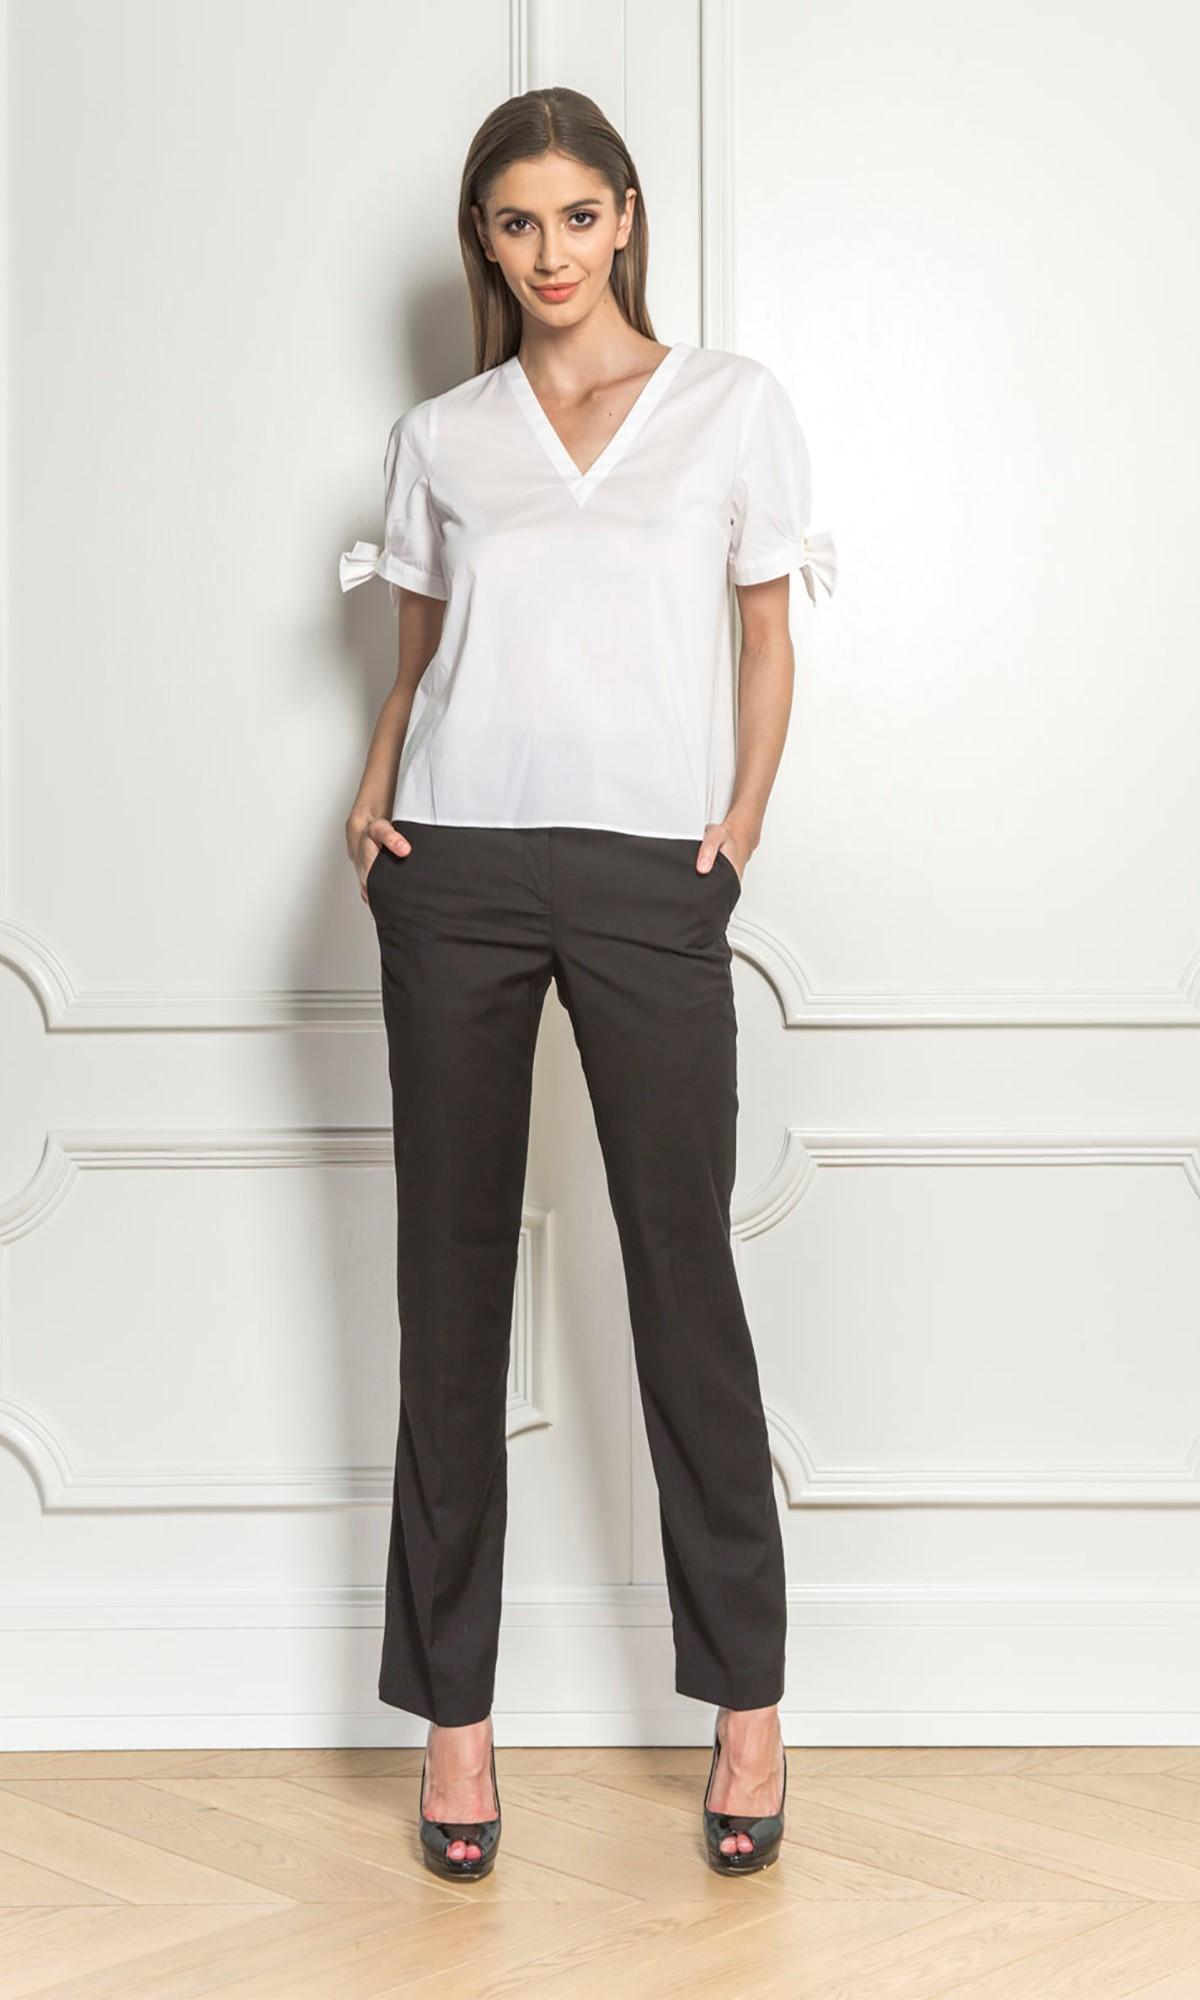 Bluzka koszulowa z kokardami, w kolorze białym